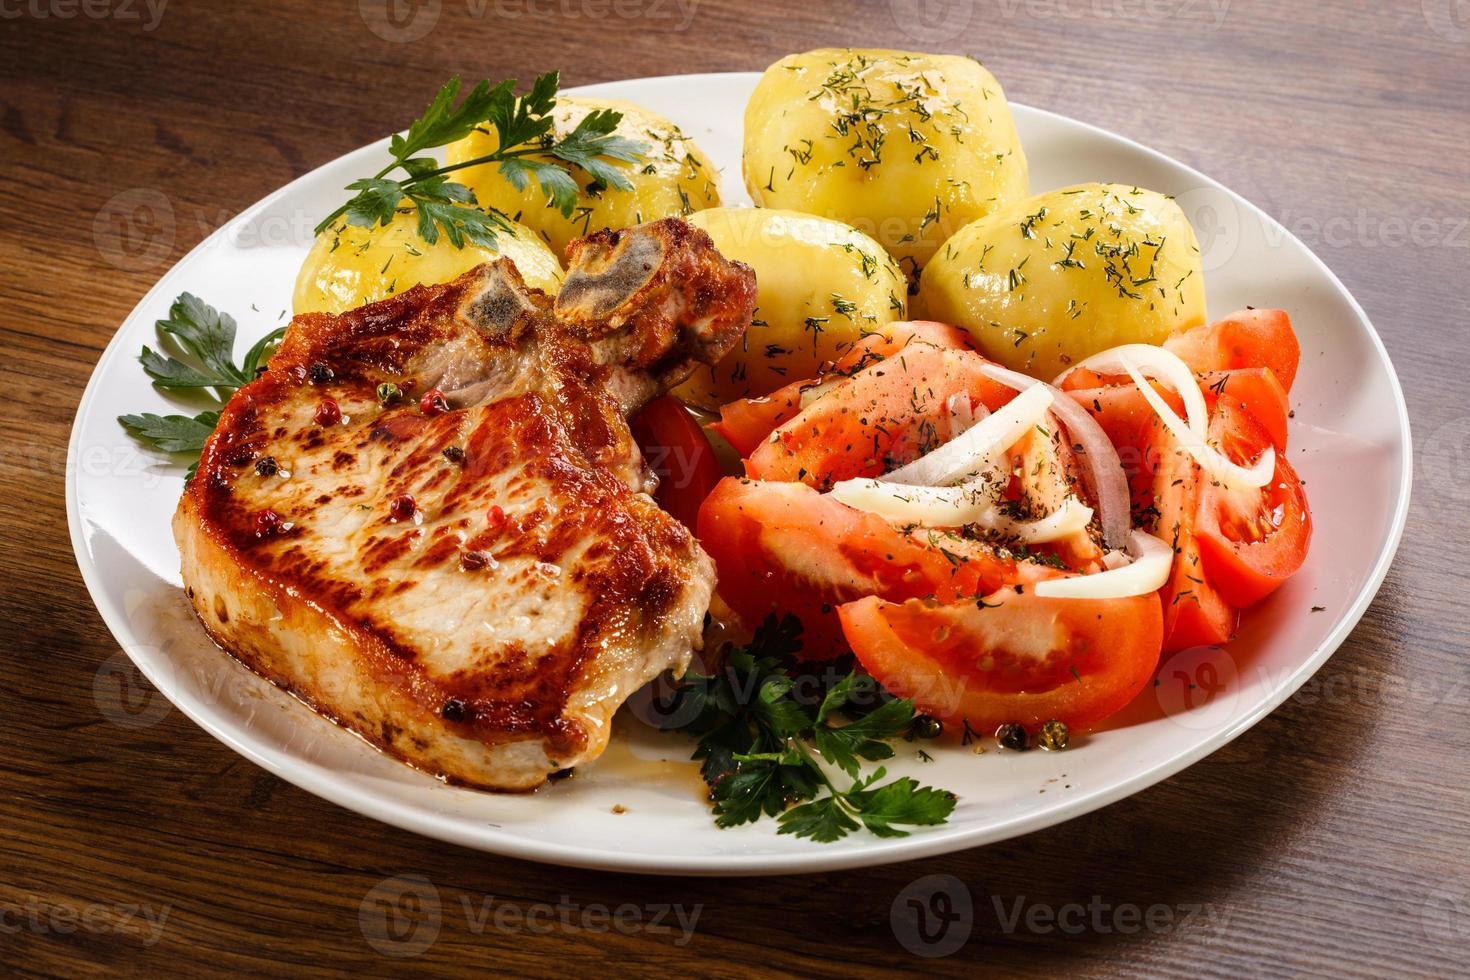 fläskkotlett, kokt potatis och grönsaker foto